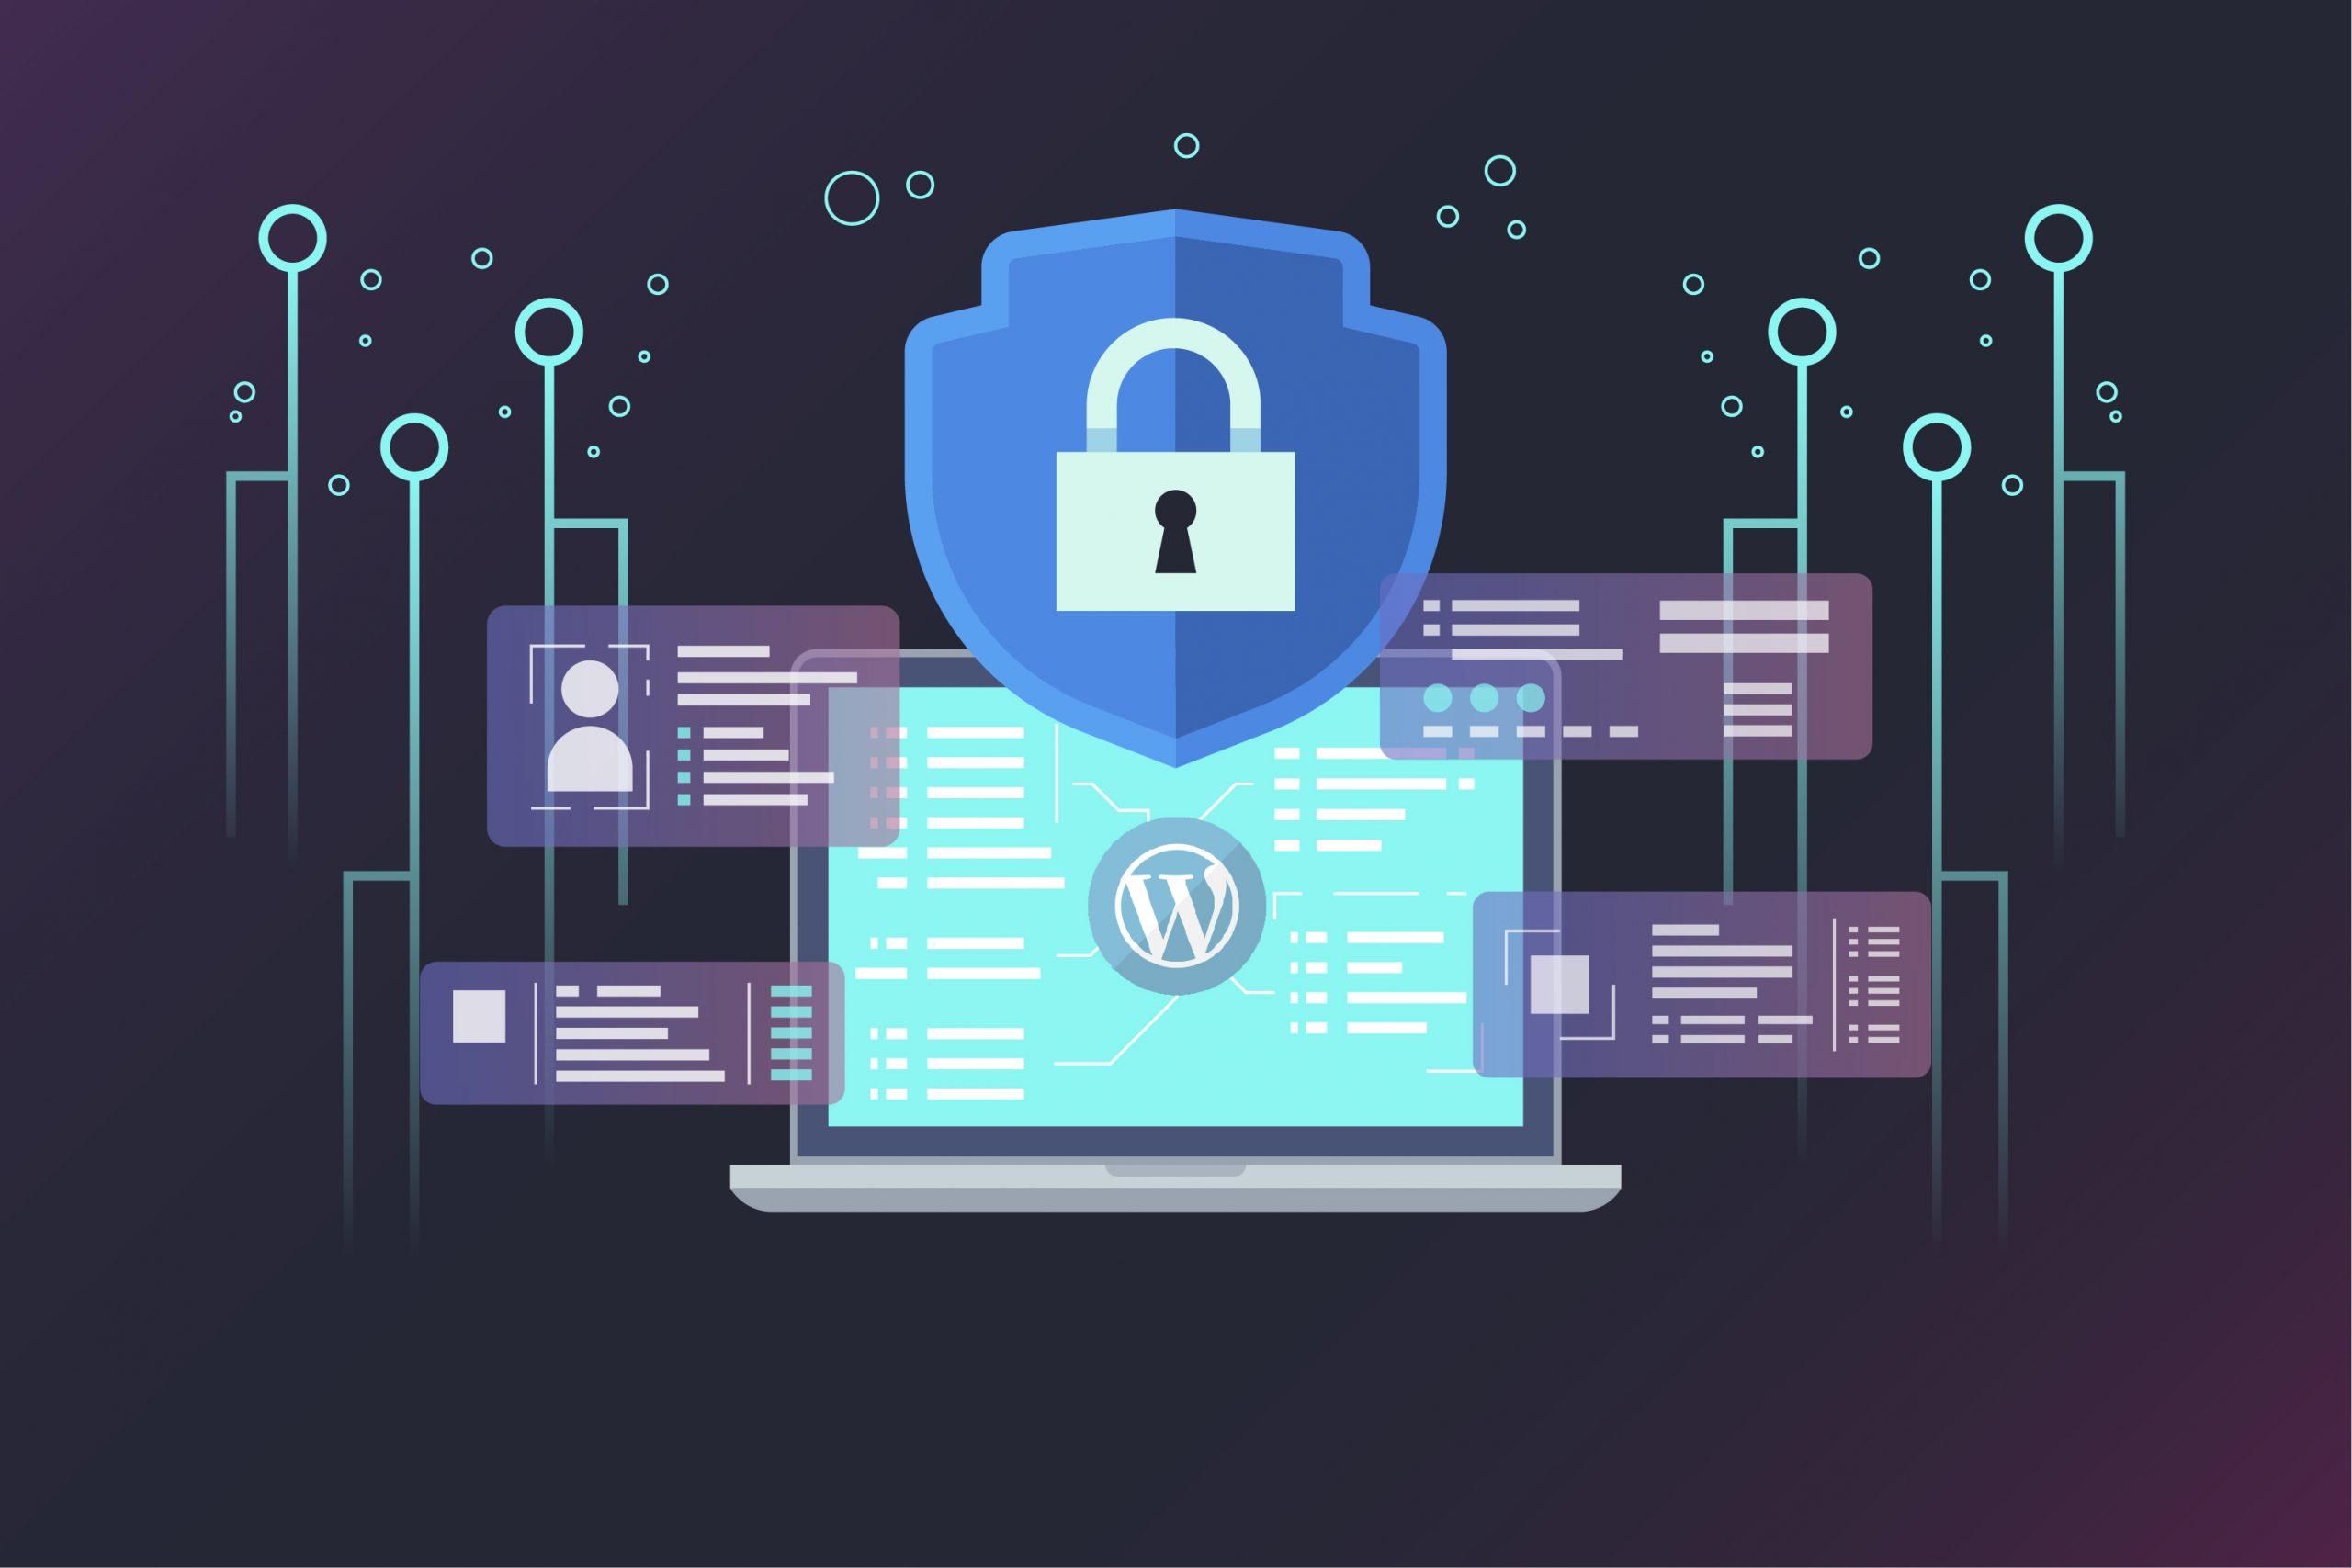 Performanță vs Securitate: 5 lucruri de aşteptat de la găzduirea ta WordPress